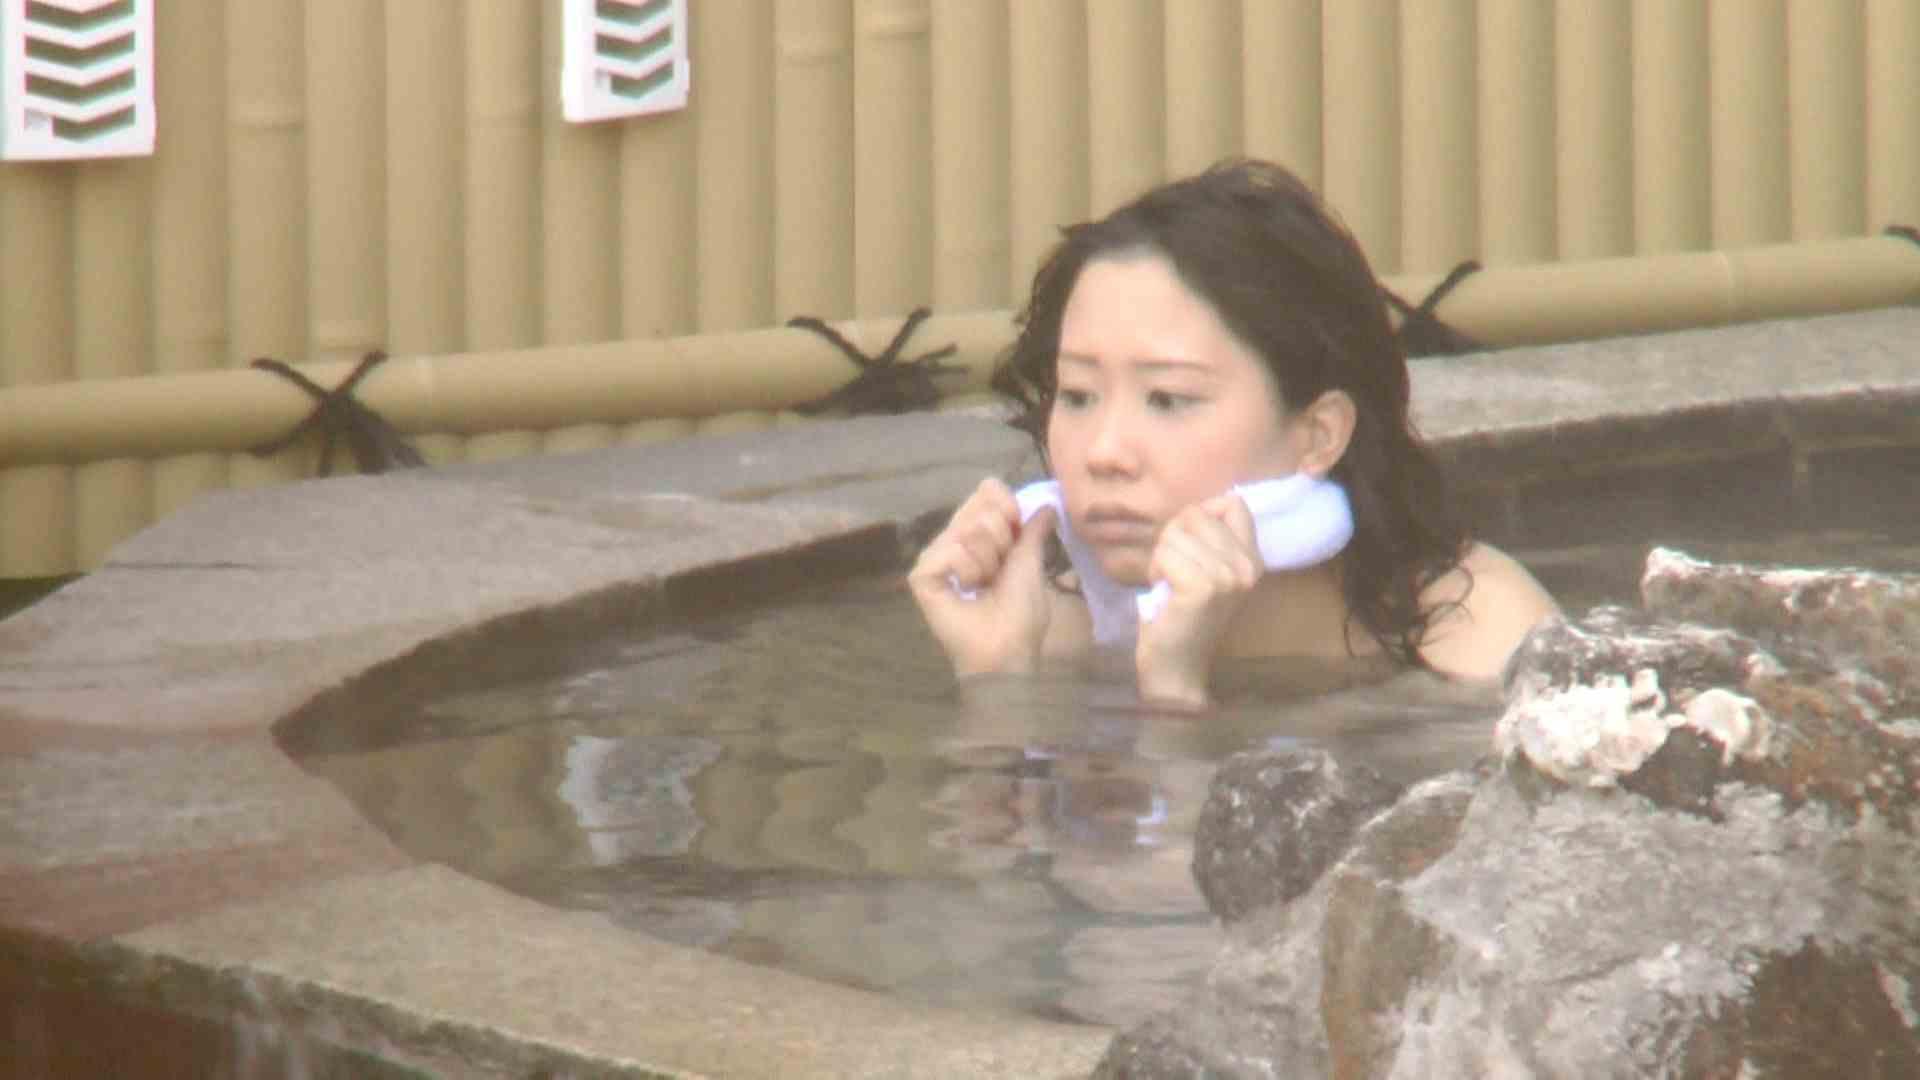 Aquaな露天風呂Vol.211 OLのエロ生活  91連発 51